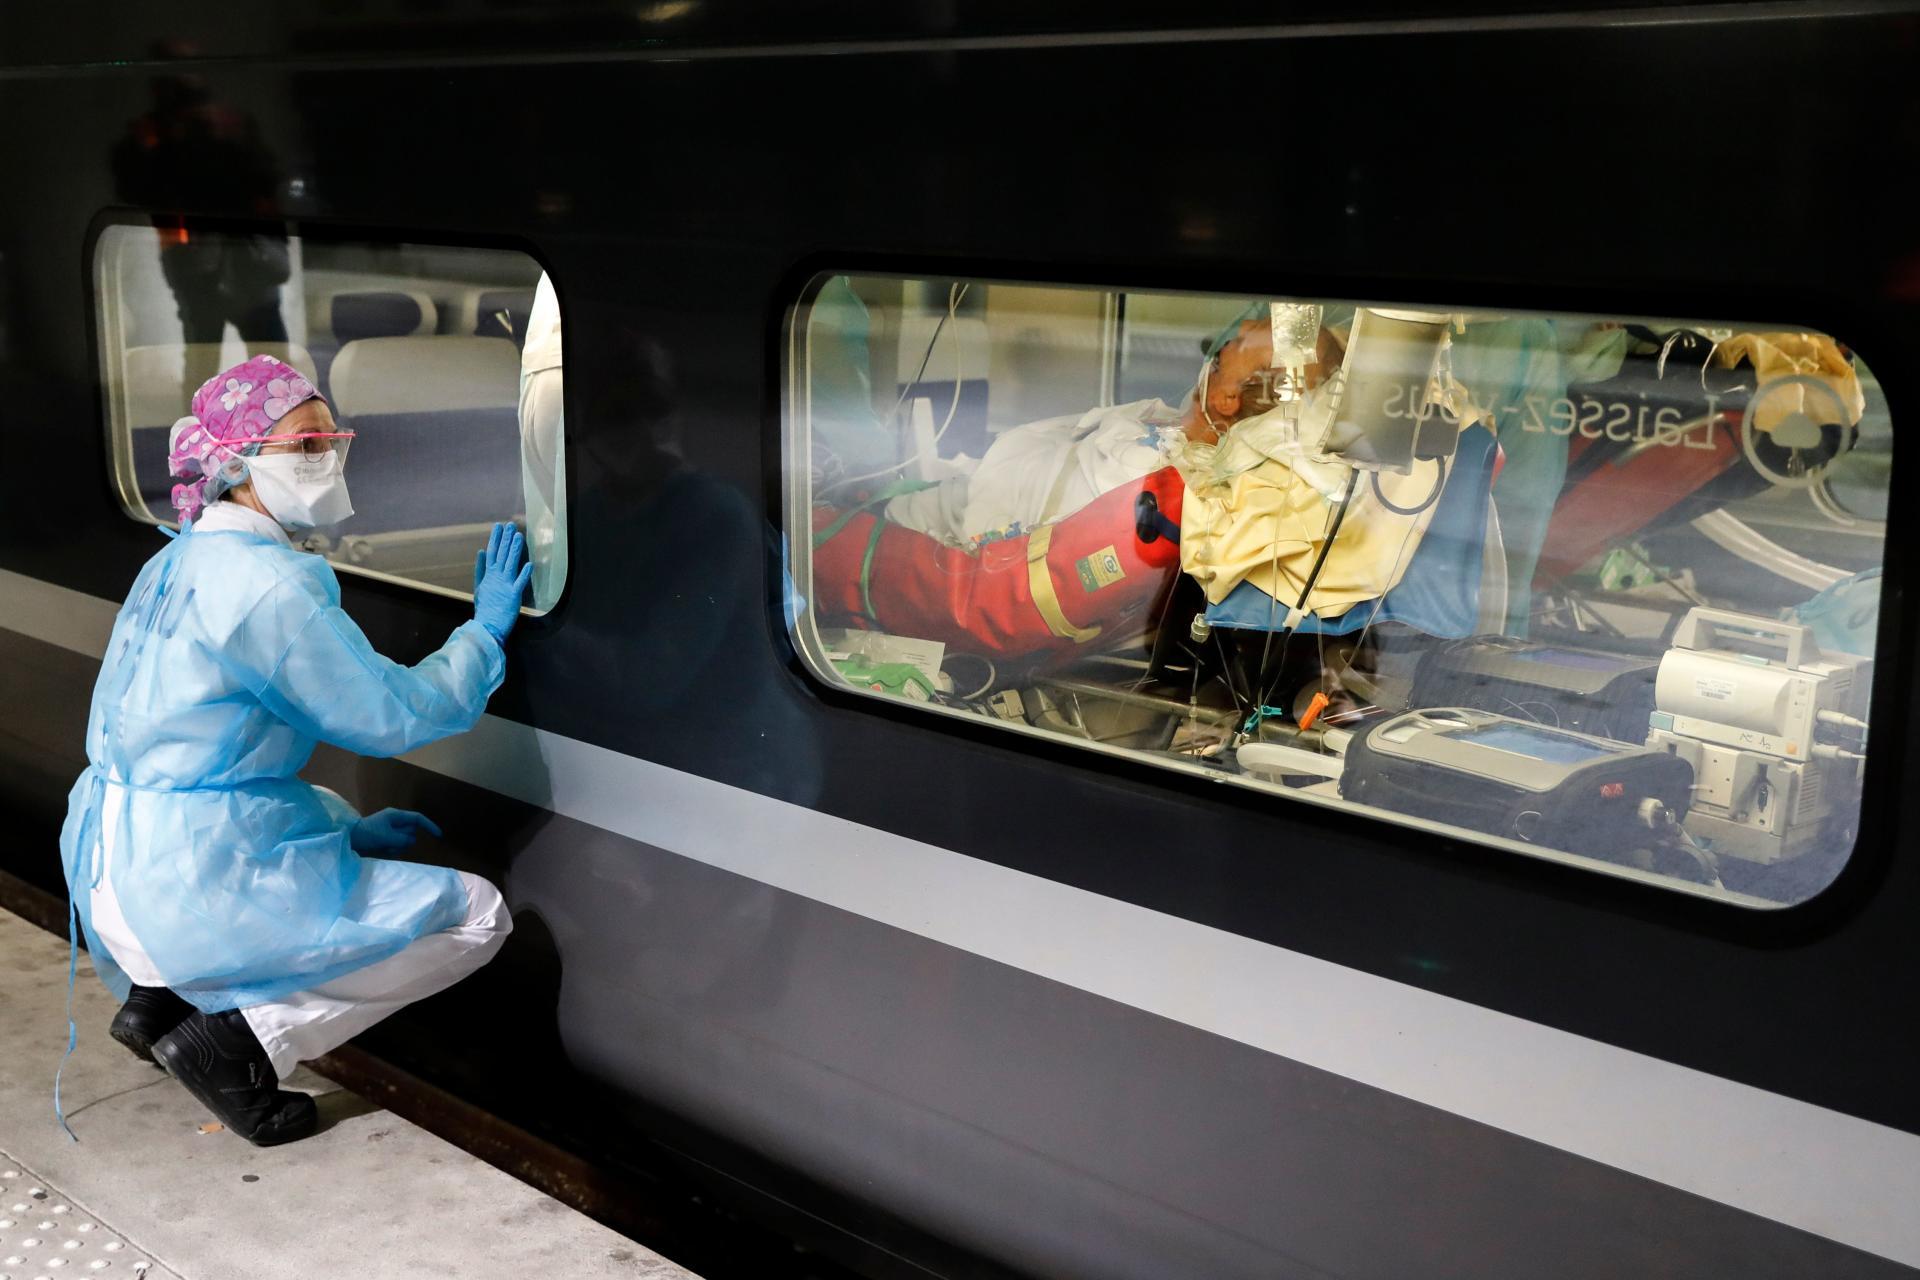 Une soignante observe un patient à travers la fenêtre du TGV.